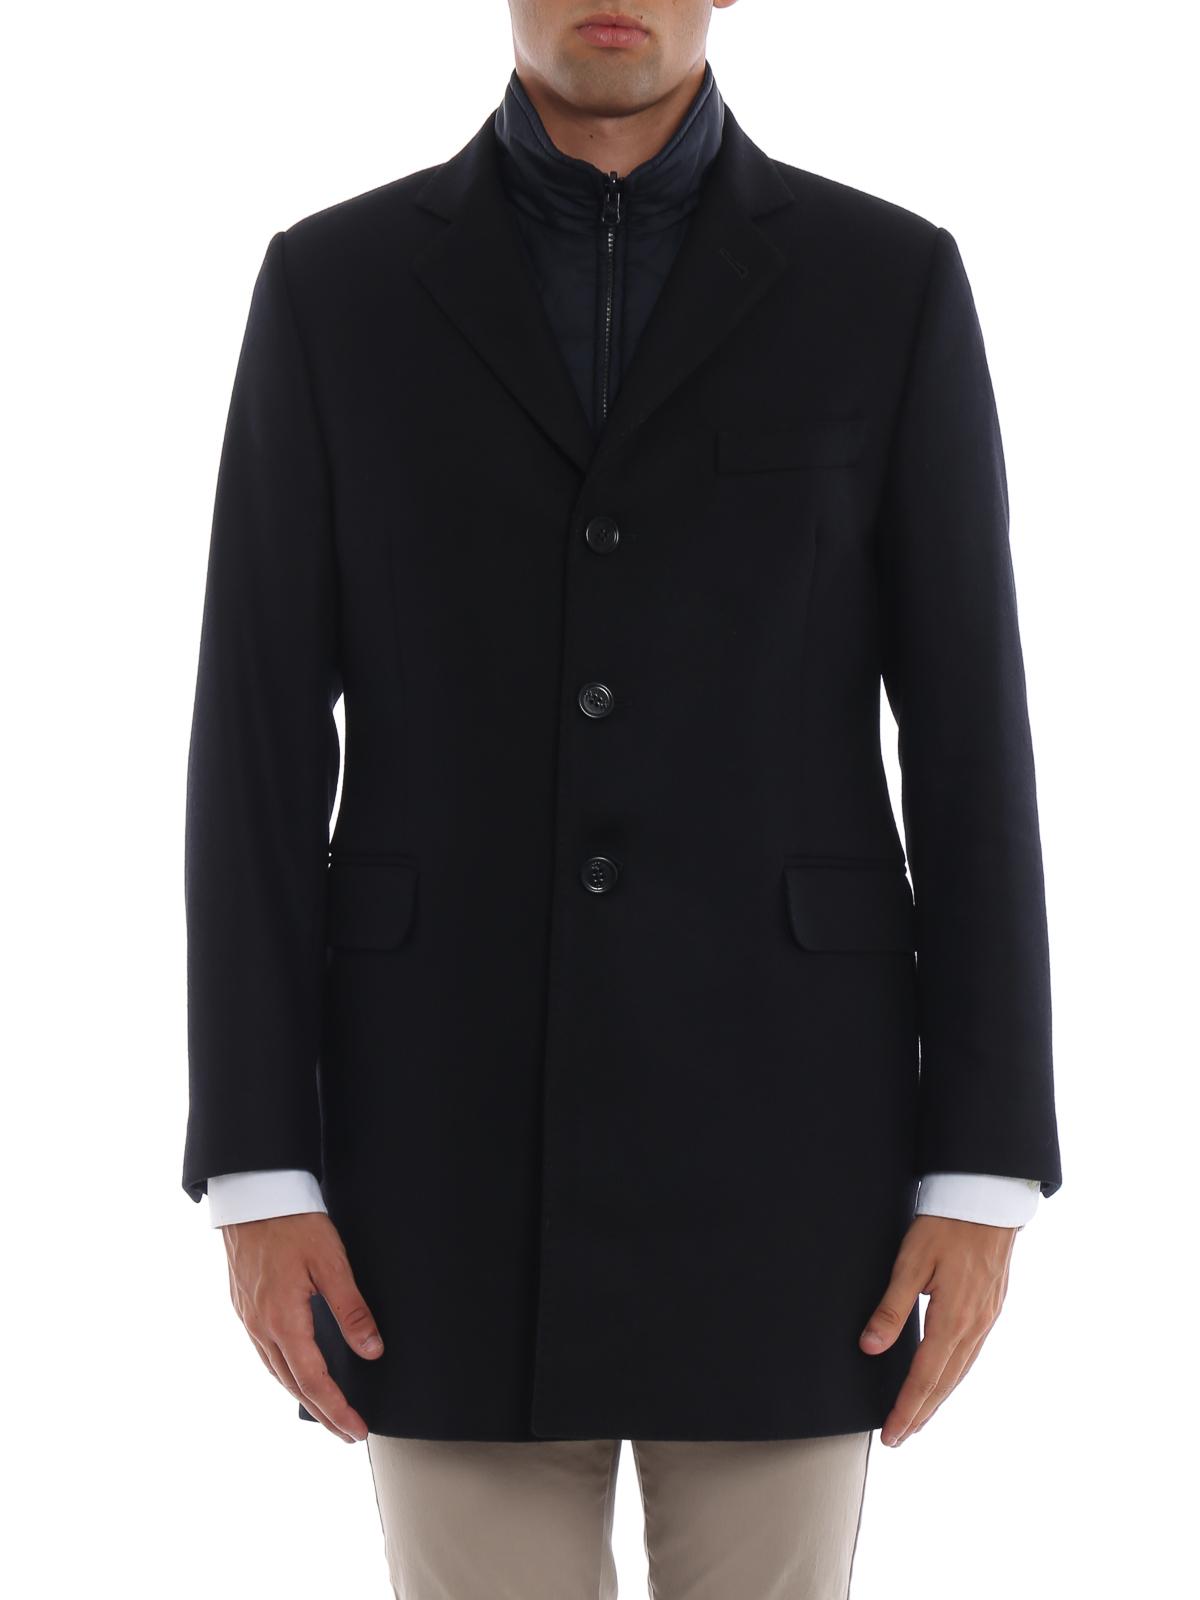 iKRIX FAY  cappotti corti - Cappotto dritto con gilet interno imbottito eb745603349